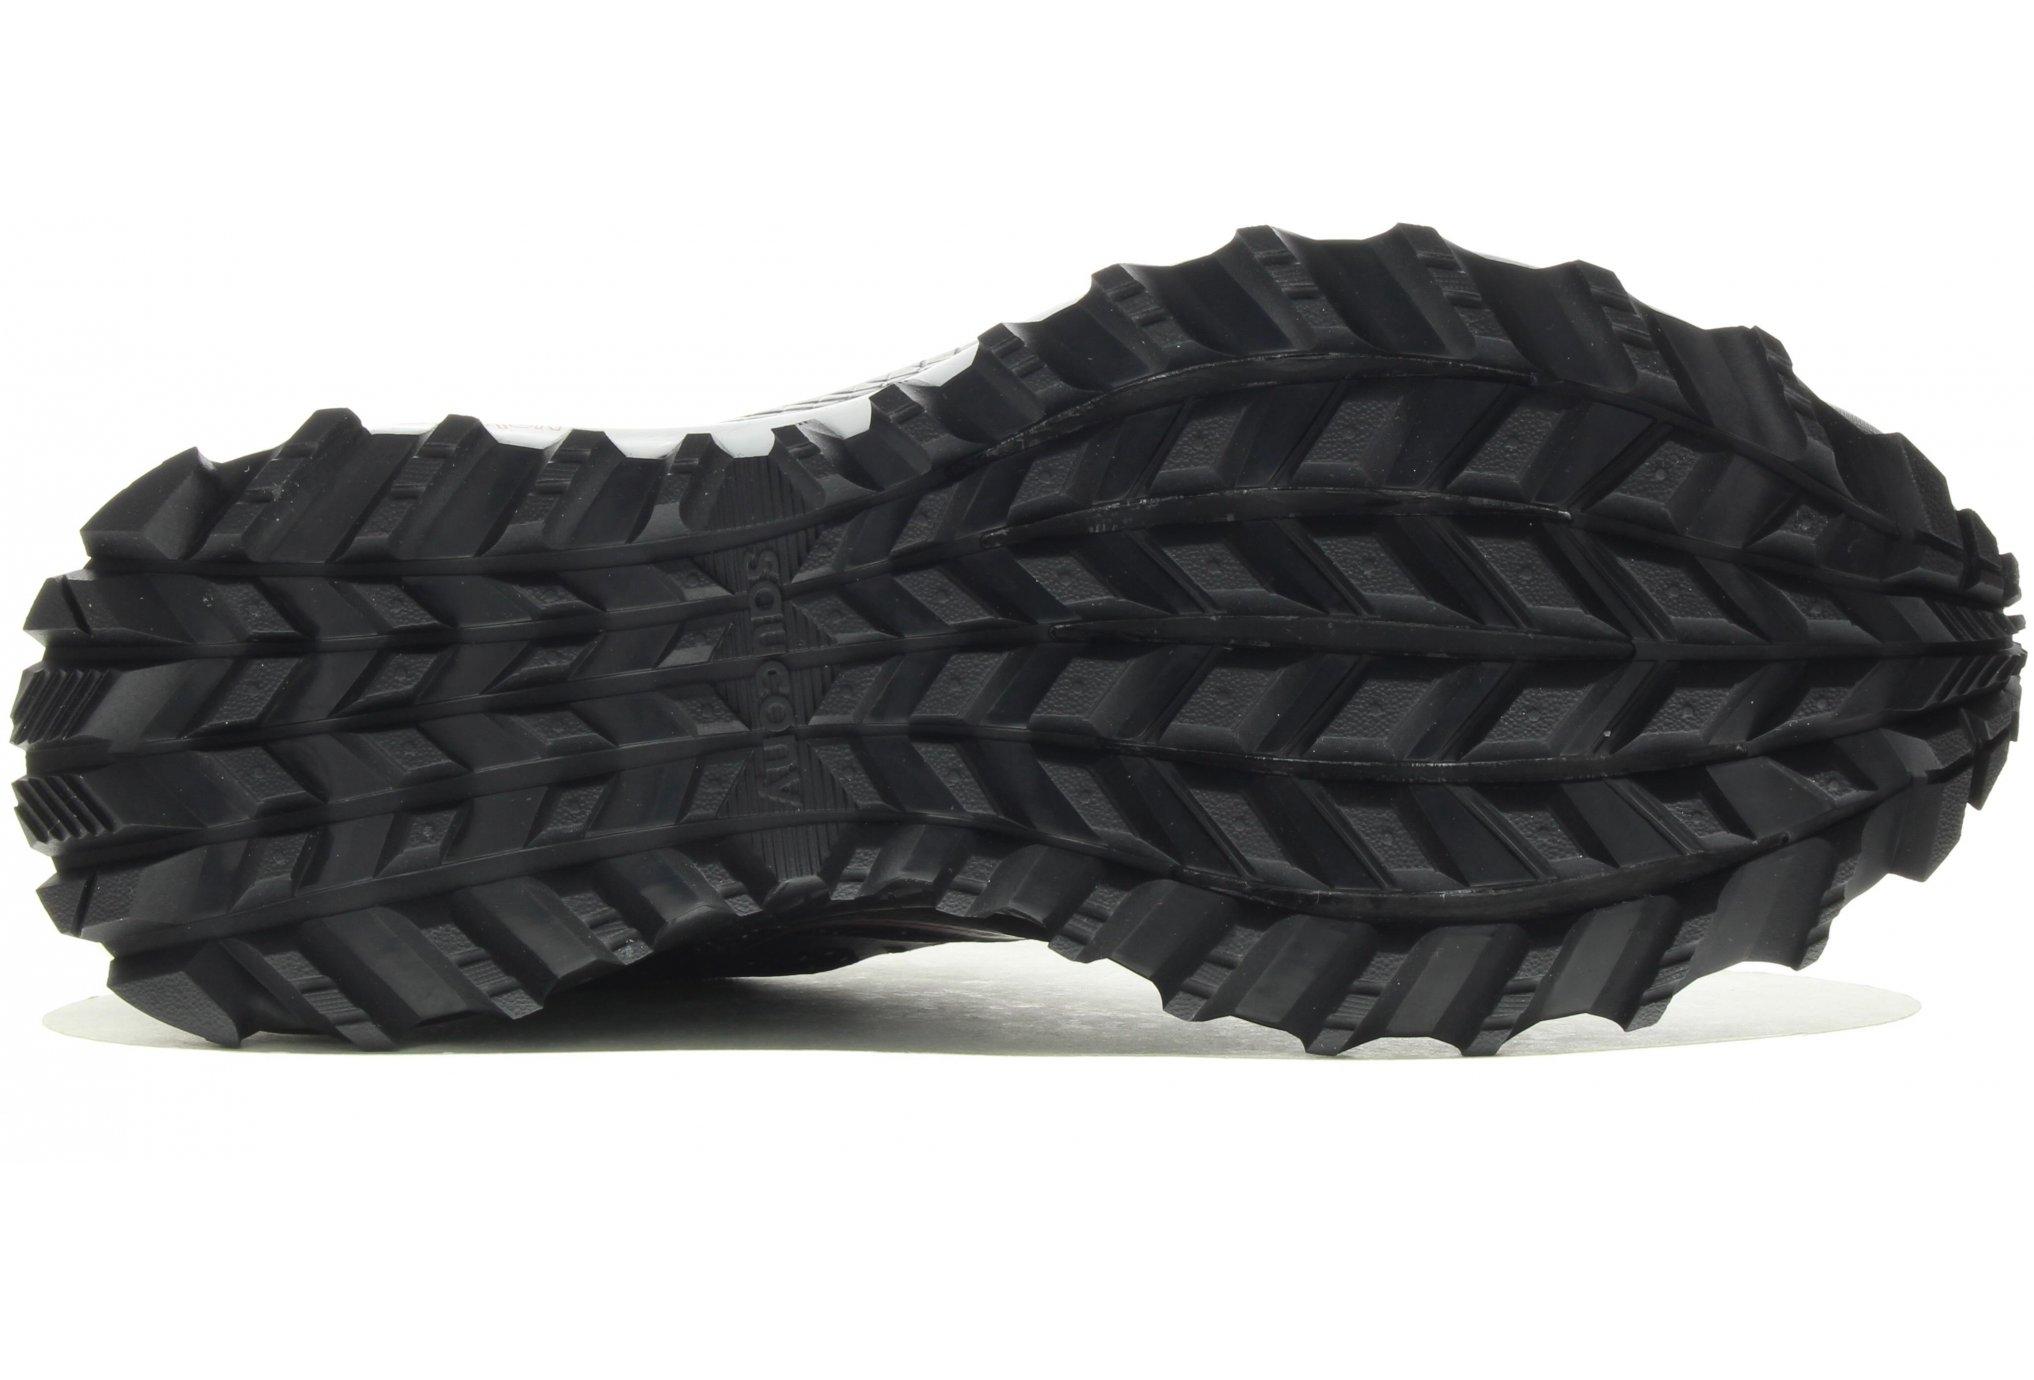 97d32ca63c3 Ceci étant dû aux nombreux crampons que l on pourrait qualifier de plutôt  agressifs tant l effet griffé peut être exploité avec cette chaussure de  trail.